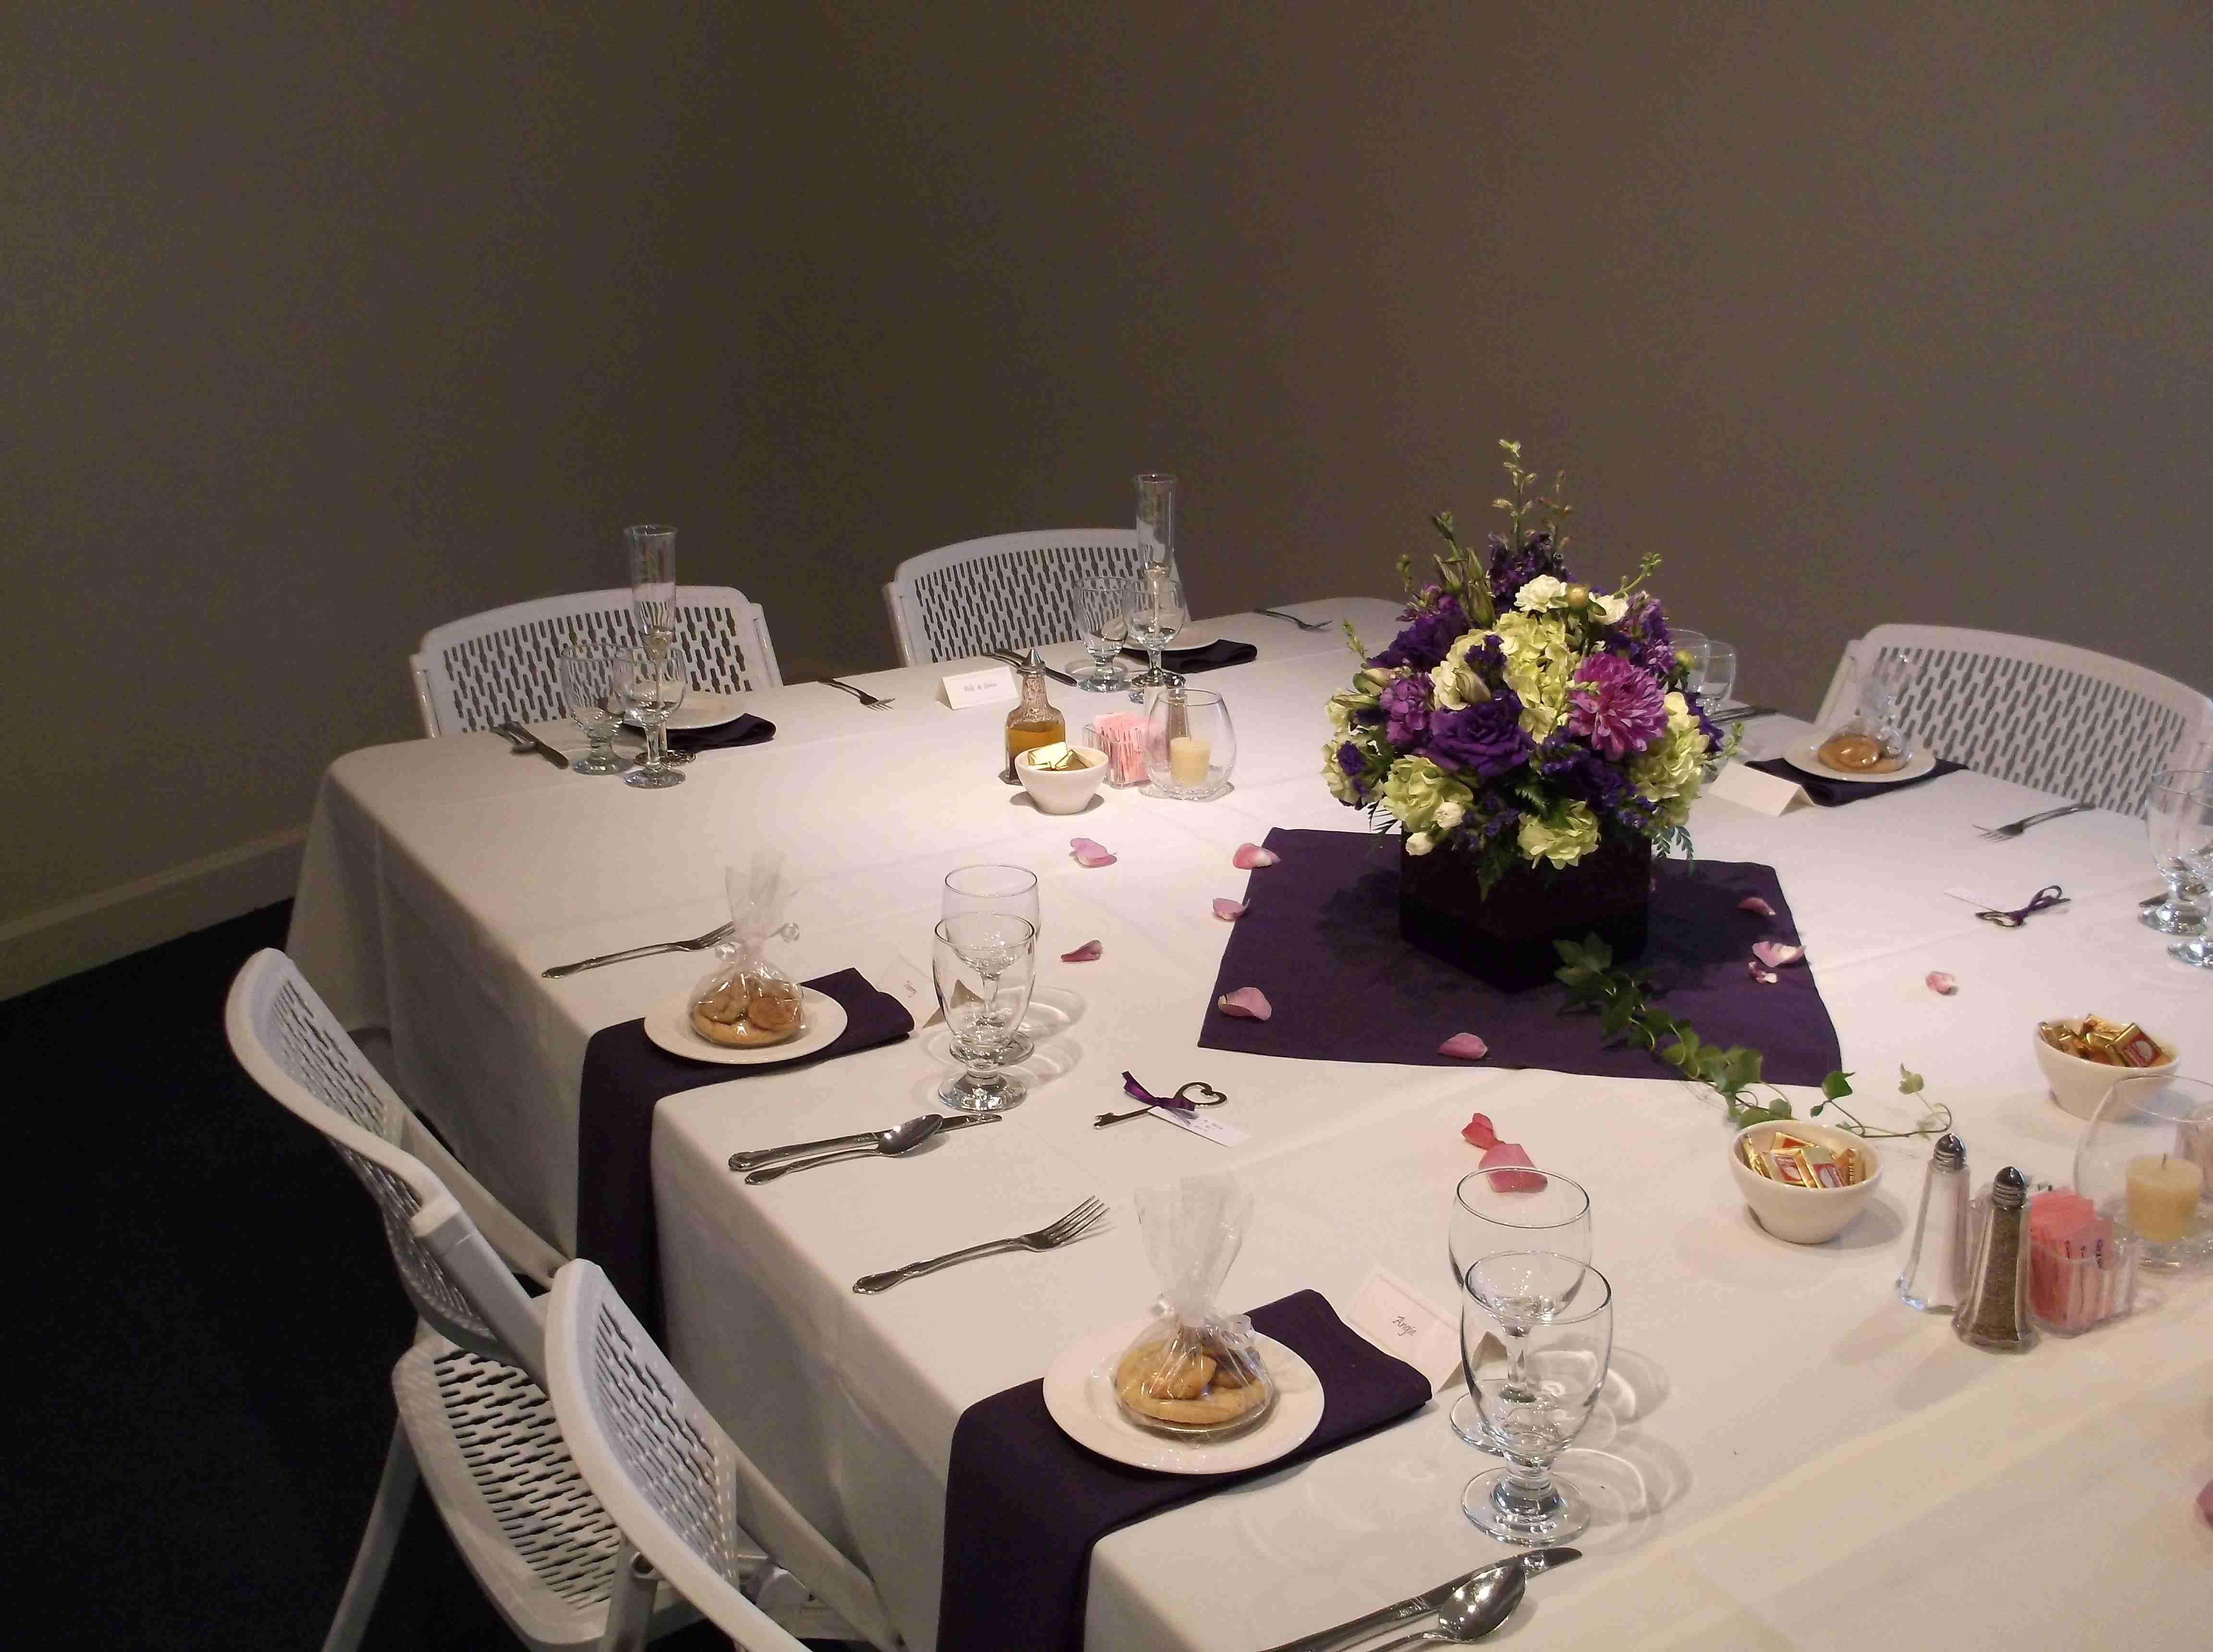 Chez Shari Banquet Facility image 35